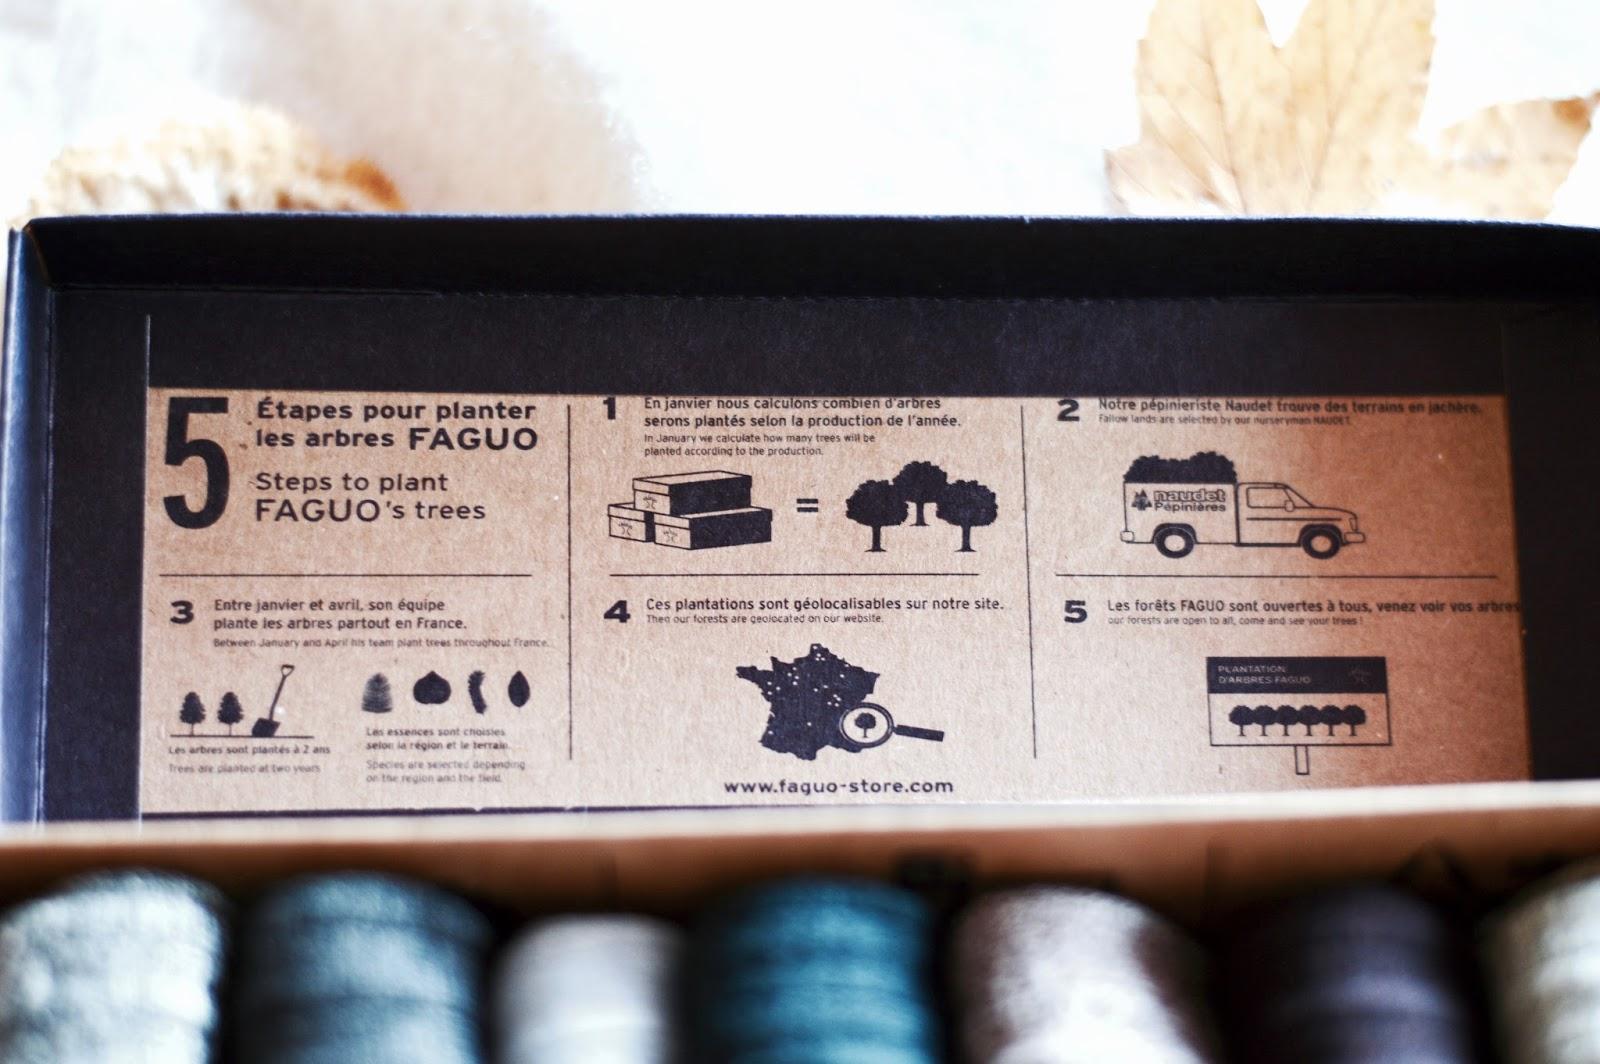 La box homme édition 12 octobre Faguo semainier chaussettes